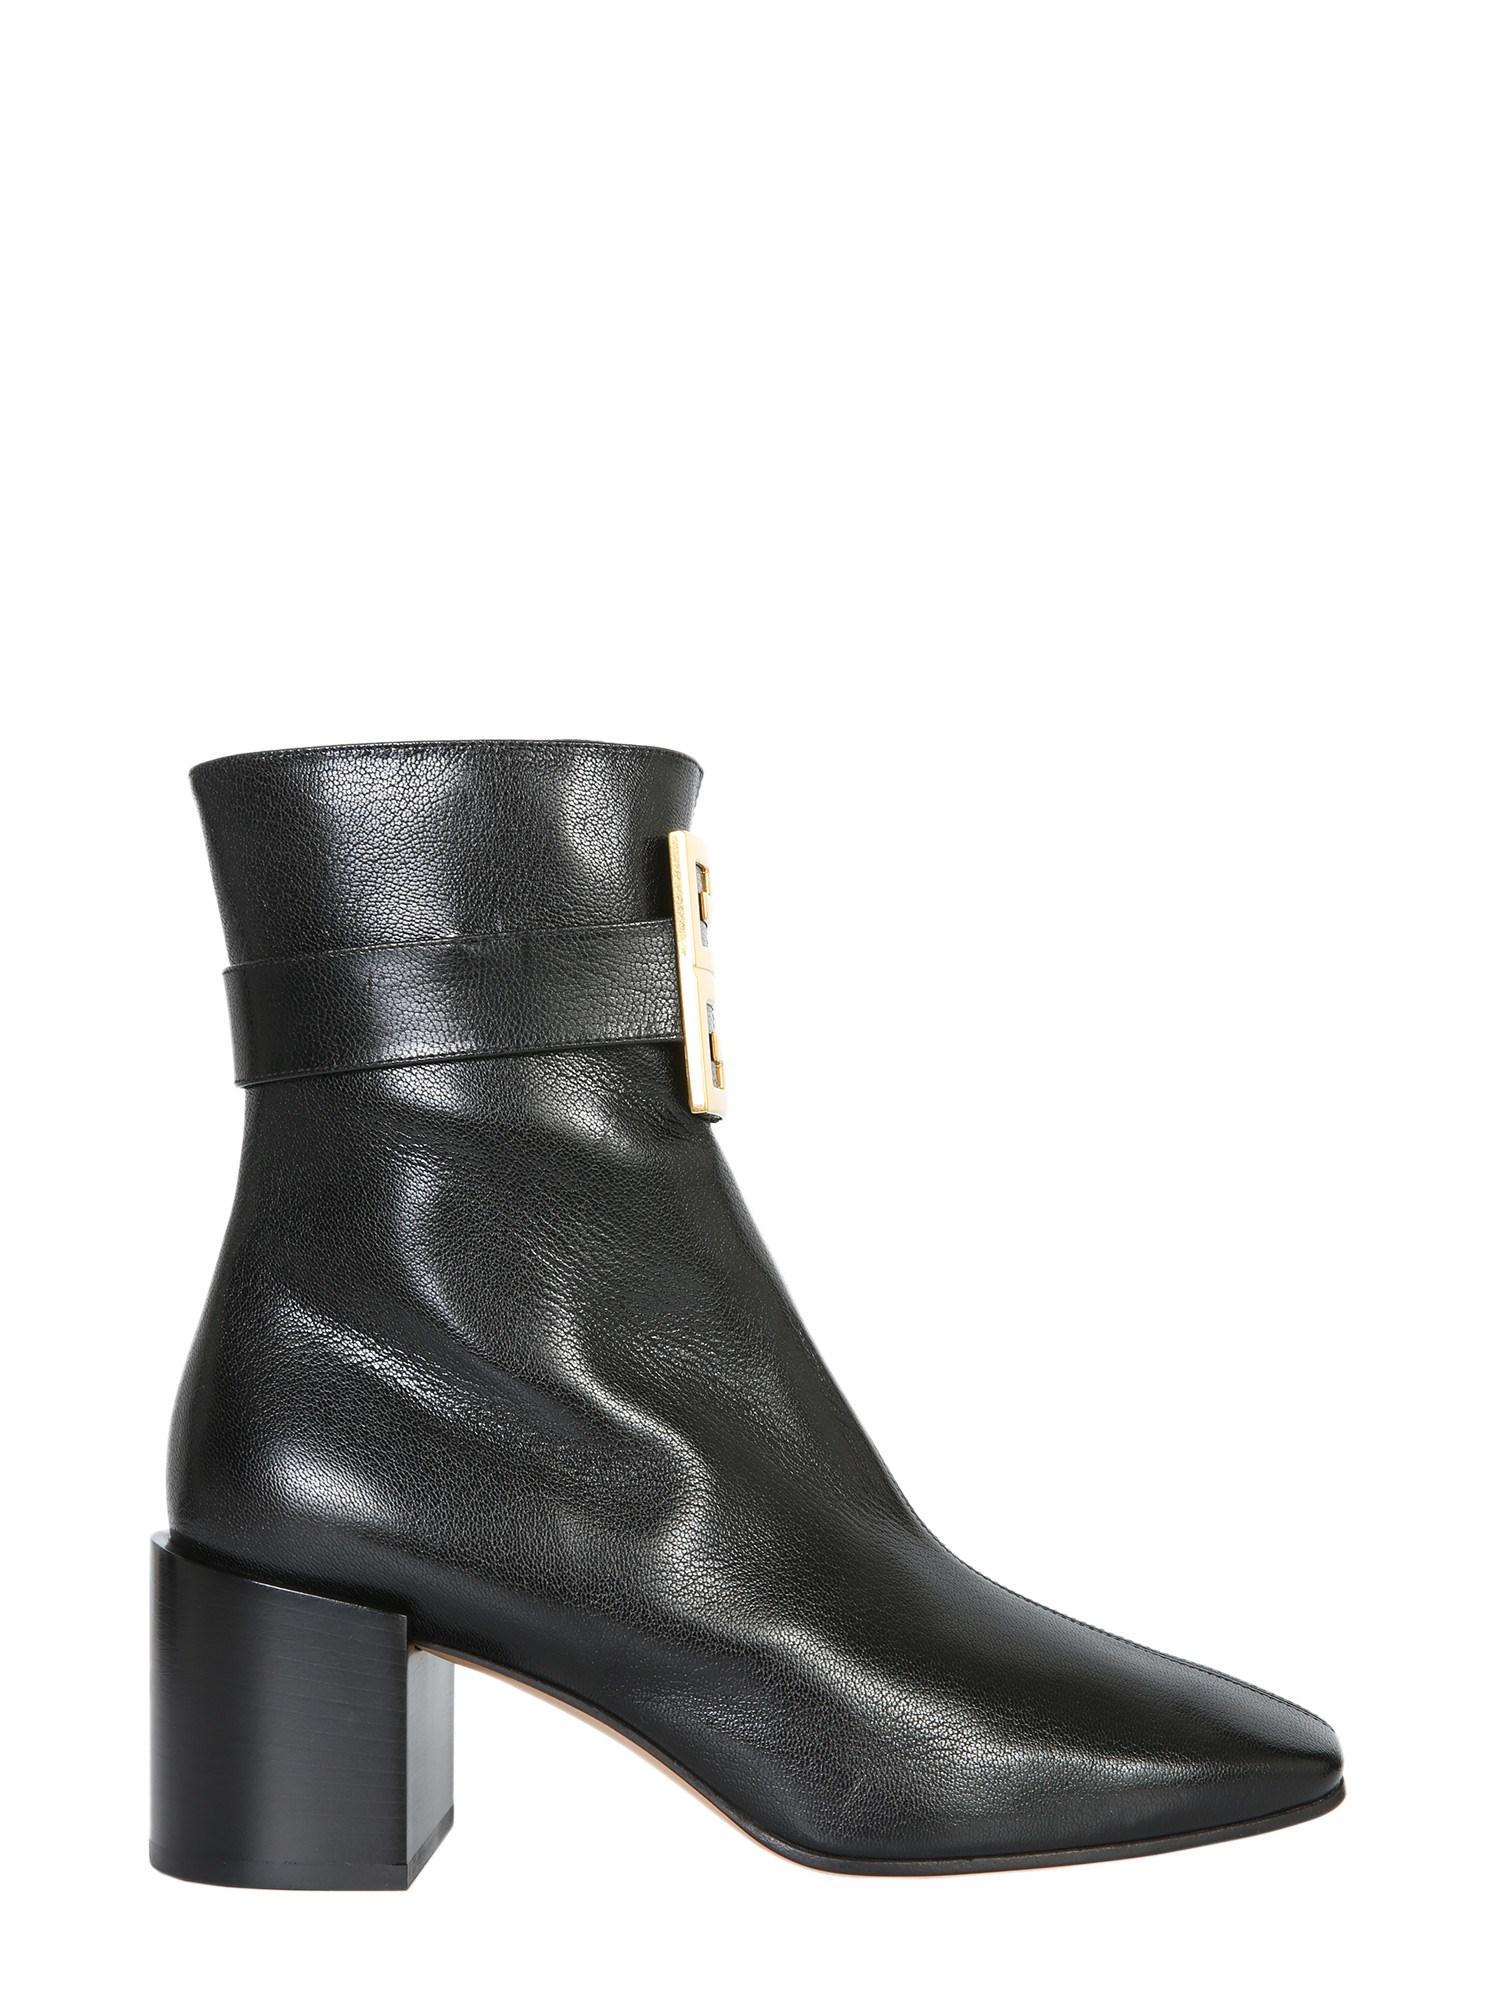 Givenchy Stiefeletten 4G Ankle  Kalbsleder  Logo Metallisch Schwarz In Black